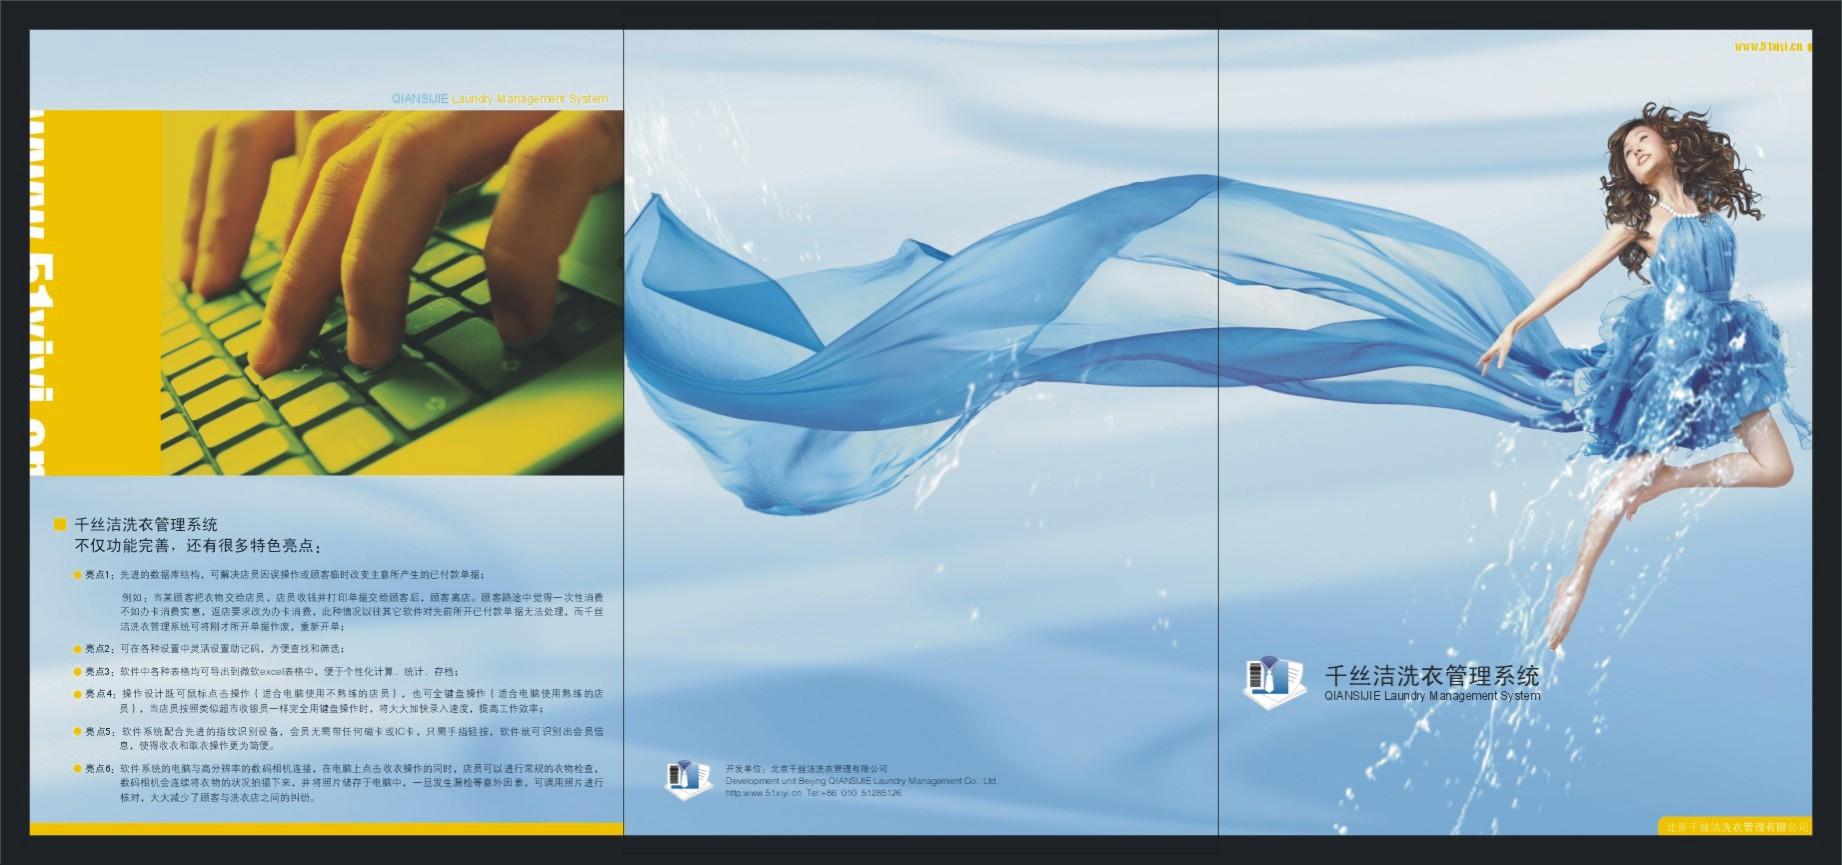 洗衣店管理软件折页宣传三系统设计ui界面设计要素图片